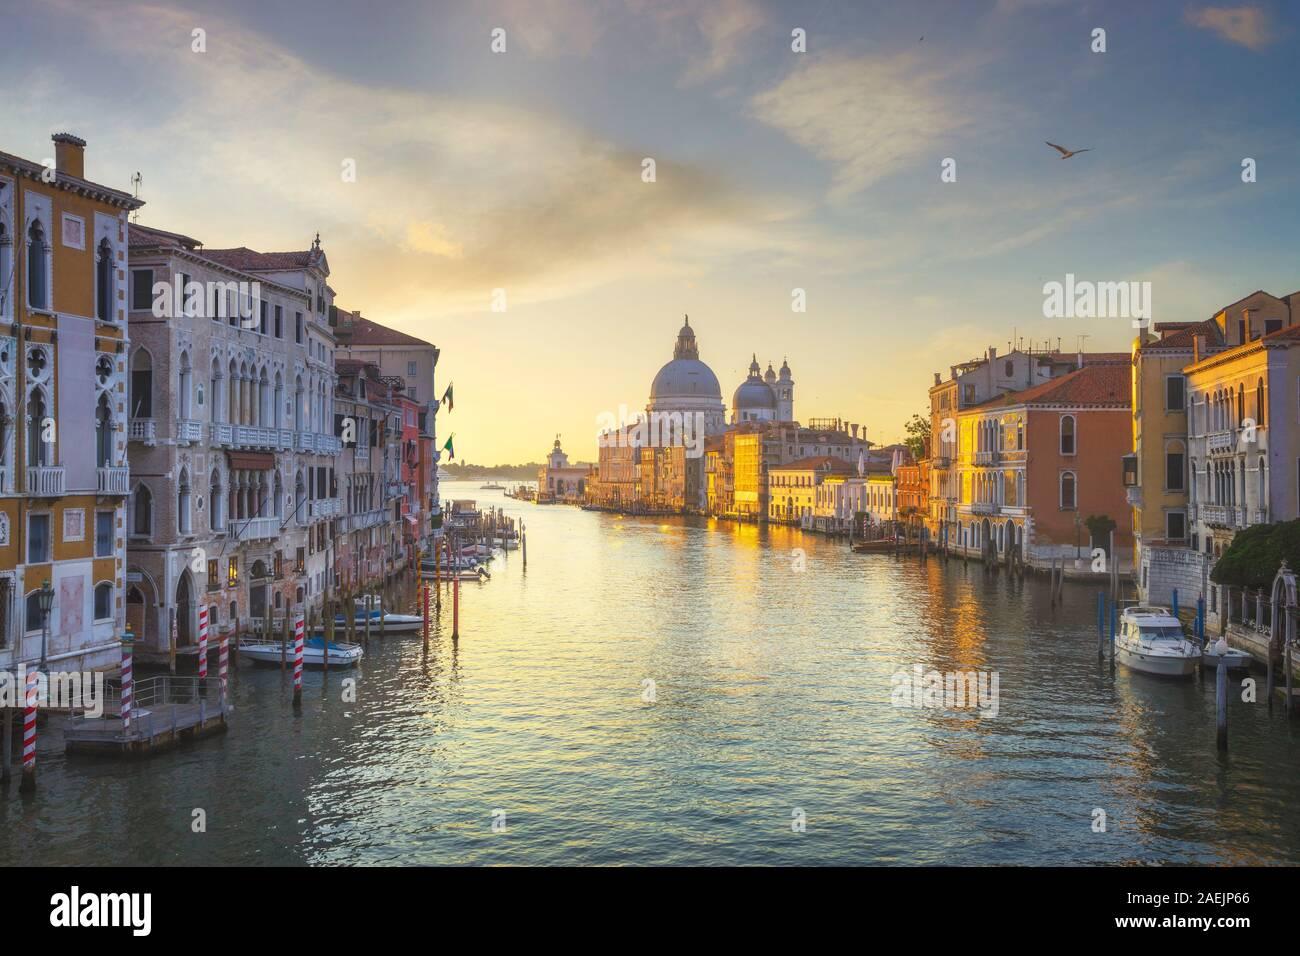 Vue sur le grand canal de Venise, l'église Santa Maria della Salute vue au lever du soleil. L'Italie, l'Europe. Banque D'Images